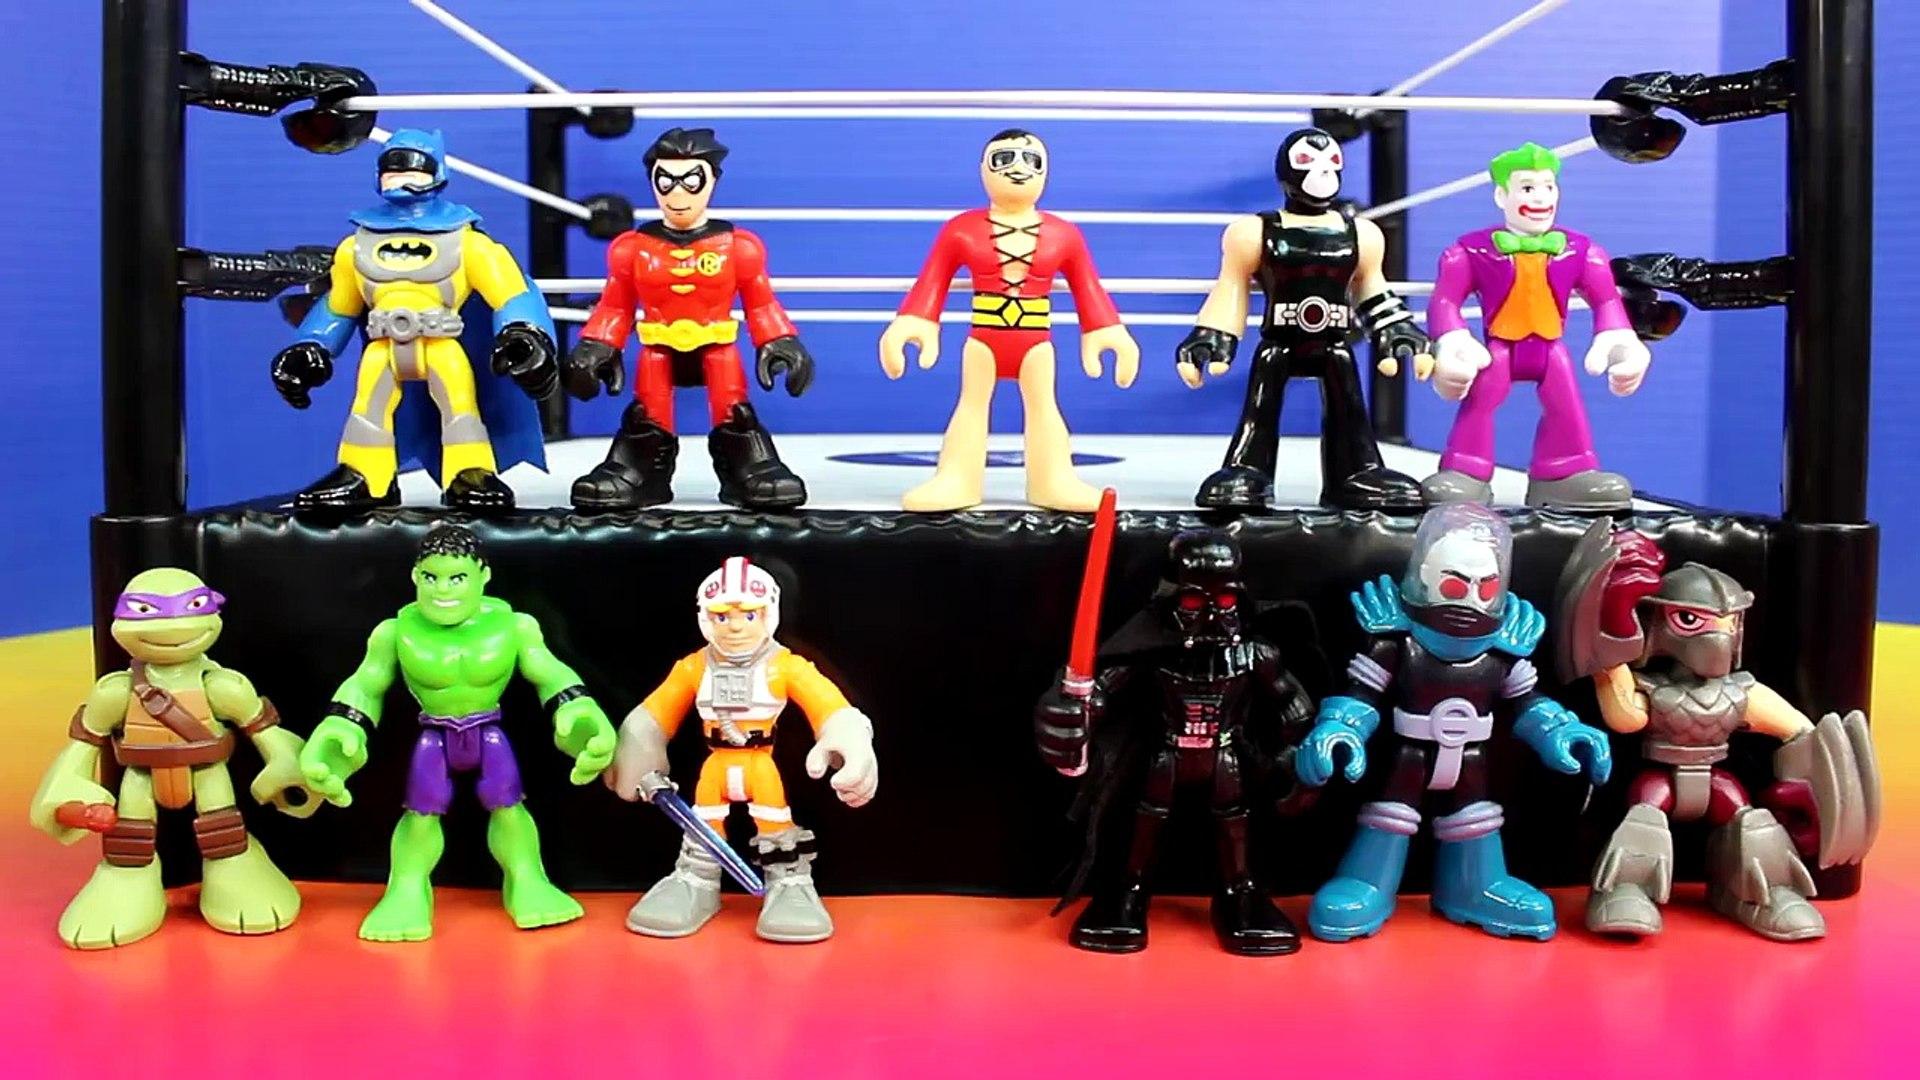 Imaginext Battle Wars 2 Batman Hulk Robin Joker Bane Shredder Mr. Freeze TMNT Star Wars Da